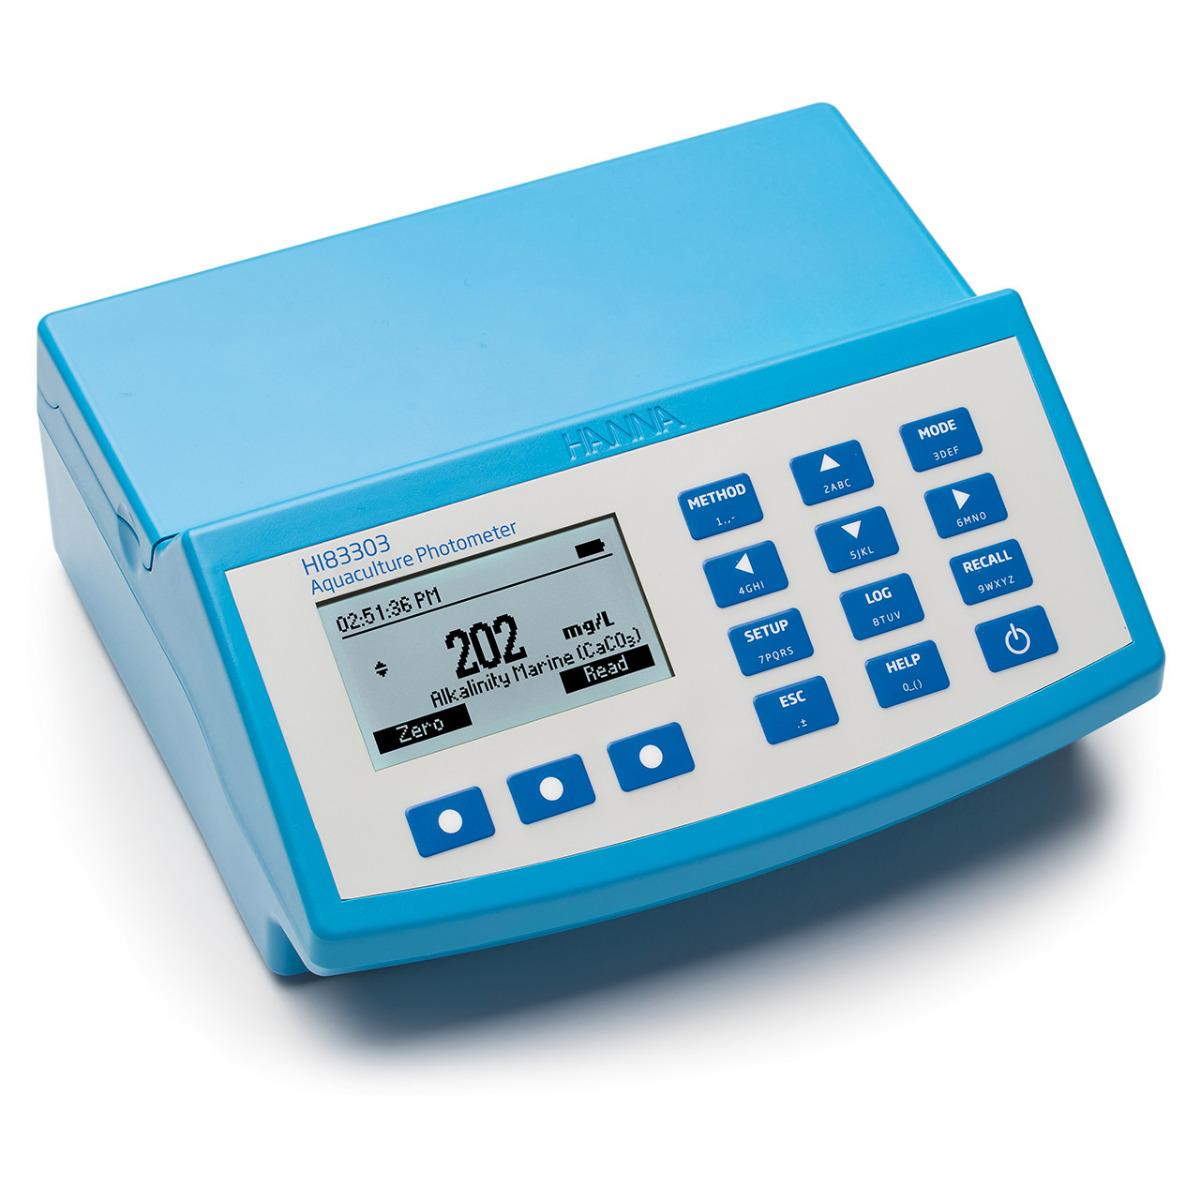 Aquaculture Photometer - HI83303